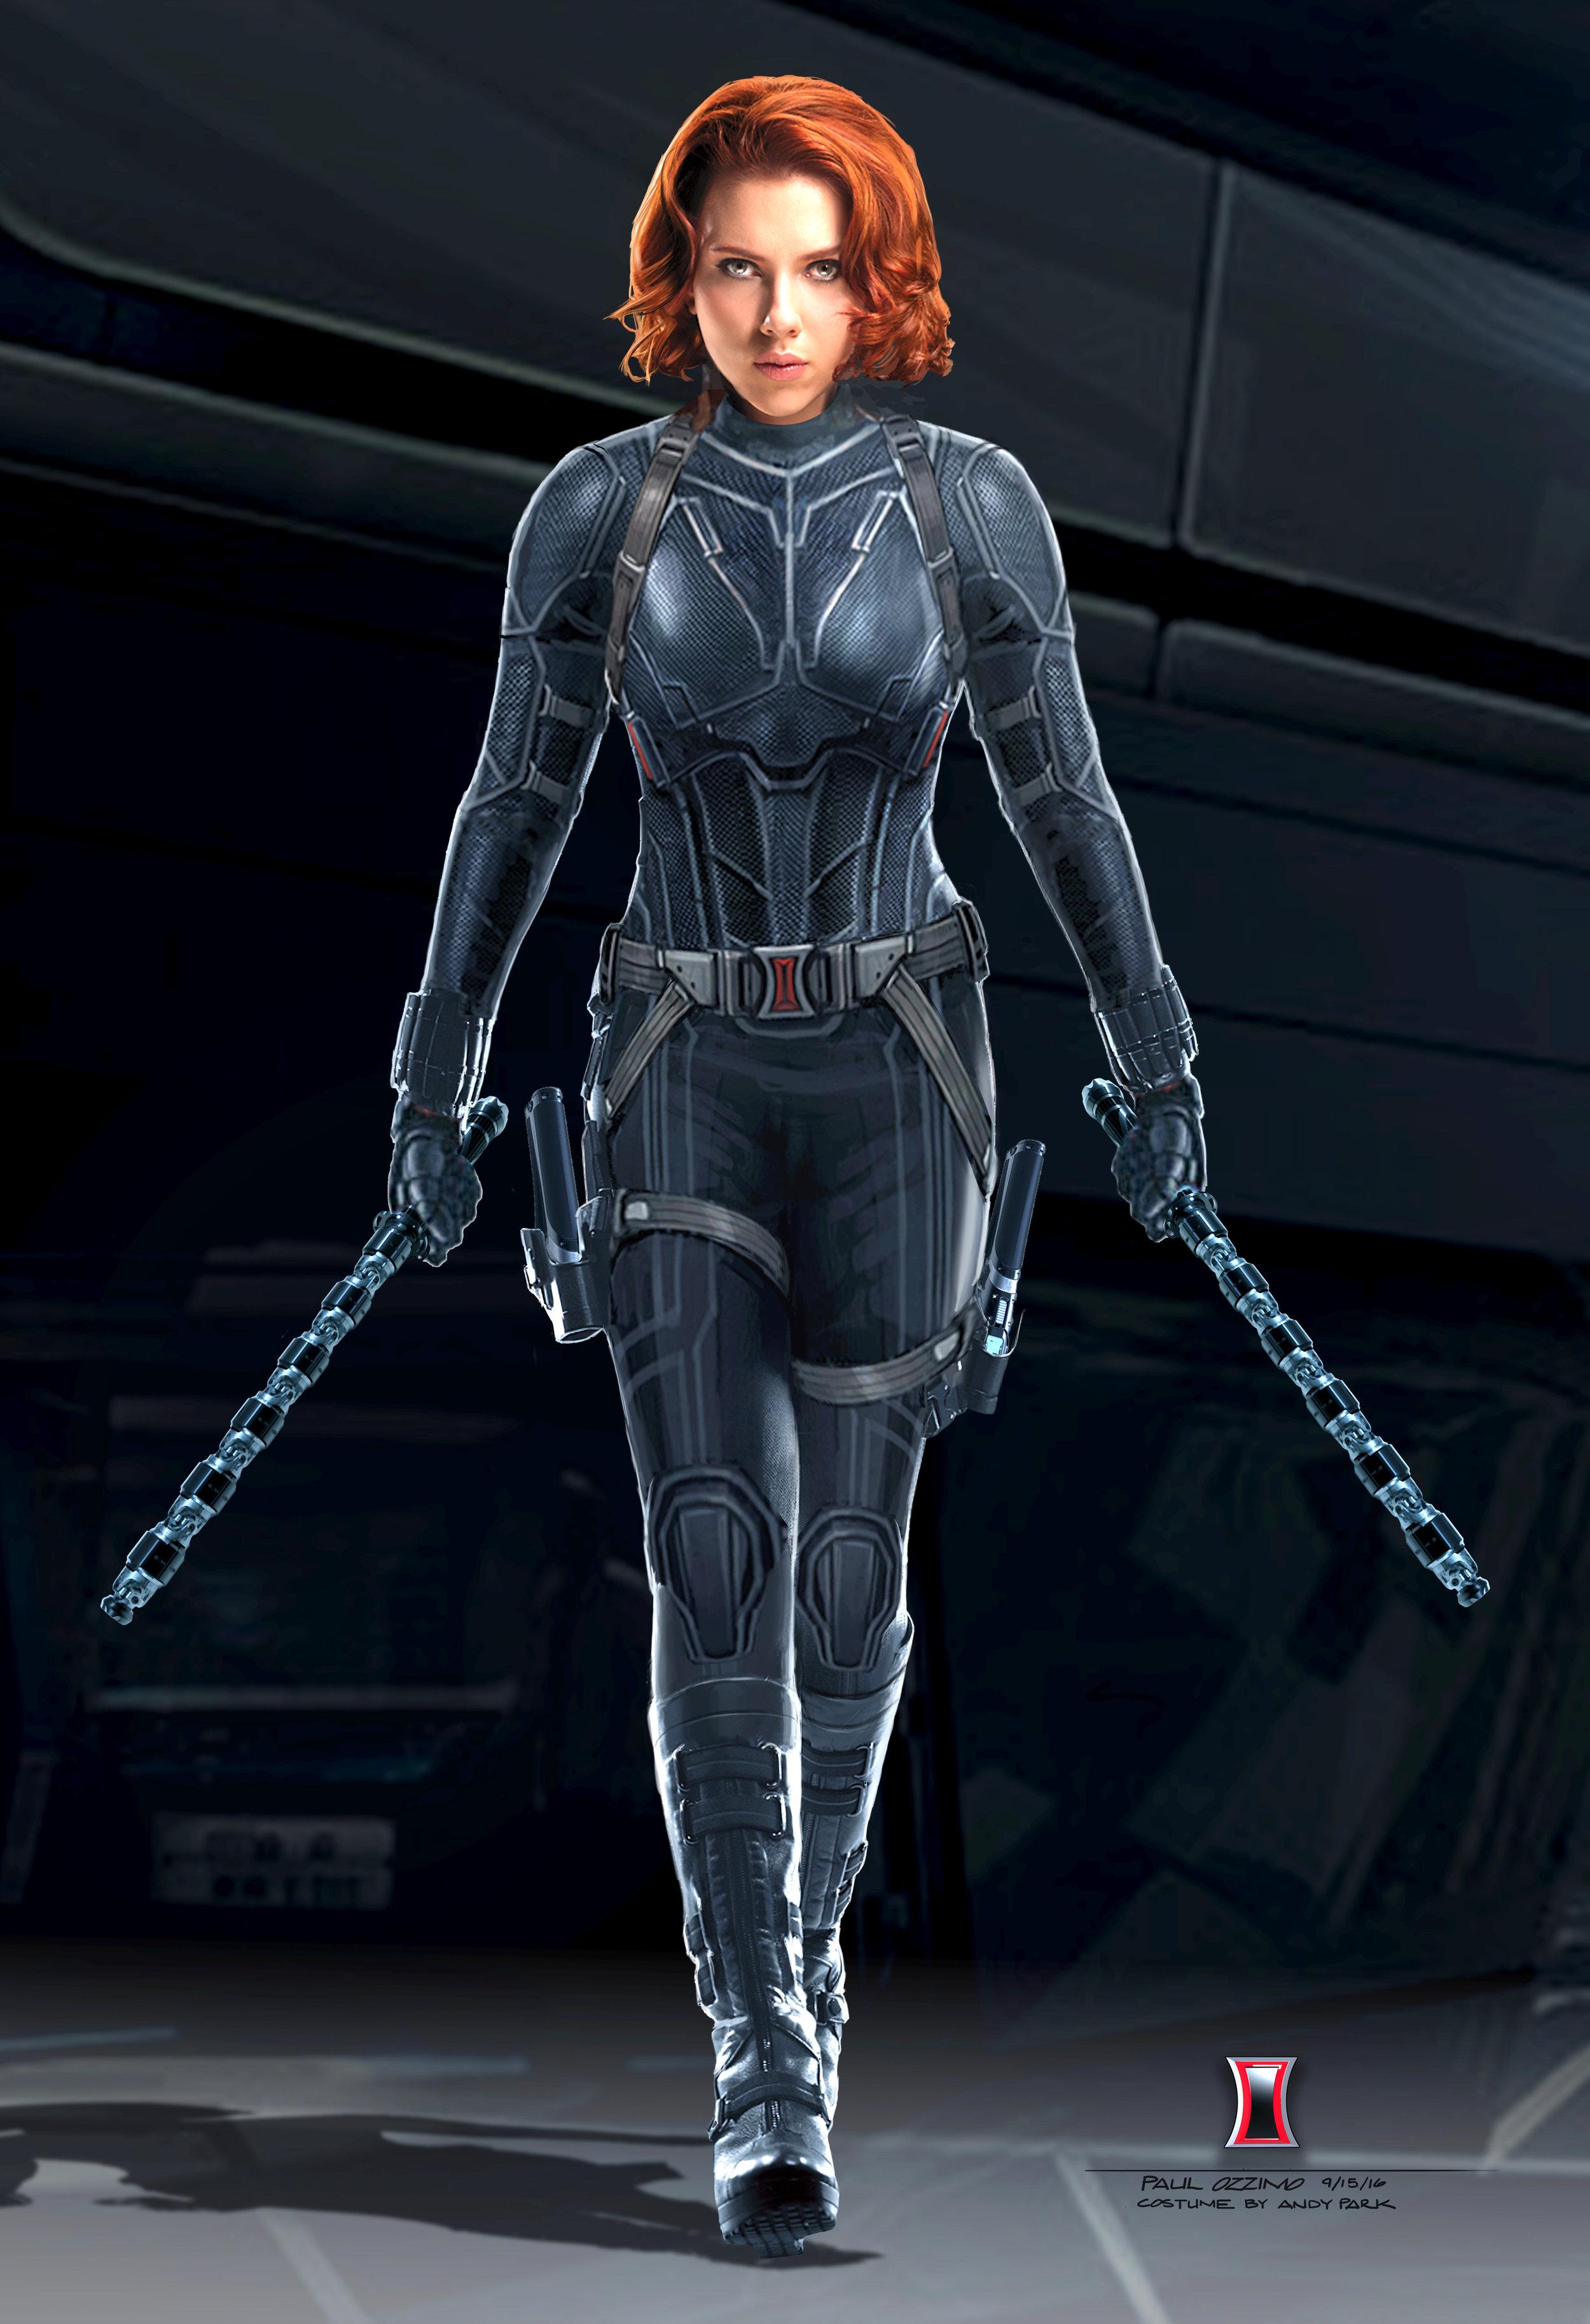 Black_Widow_wide_shot_002_091616_PO.jpg